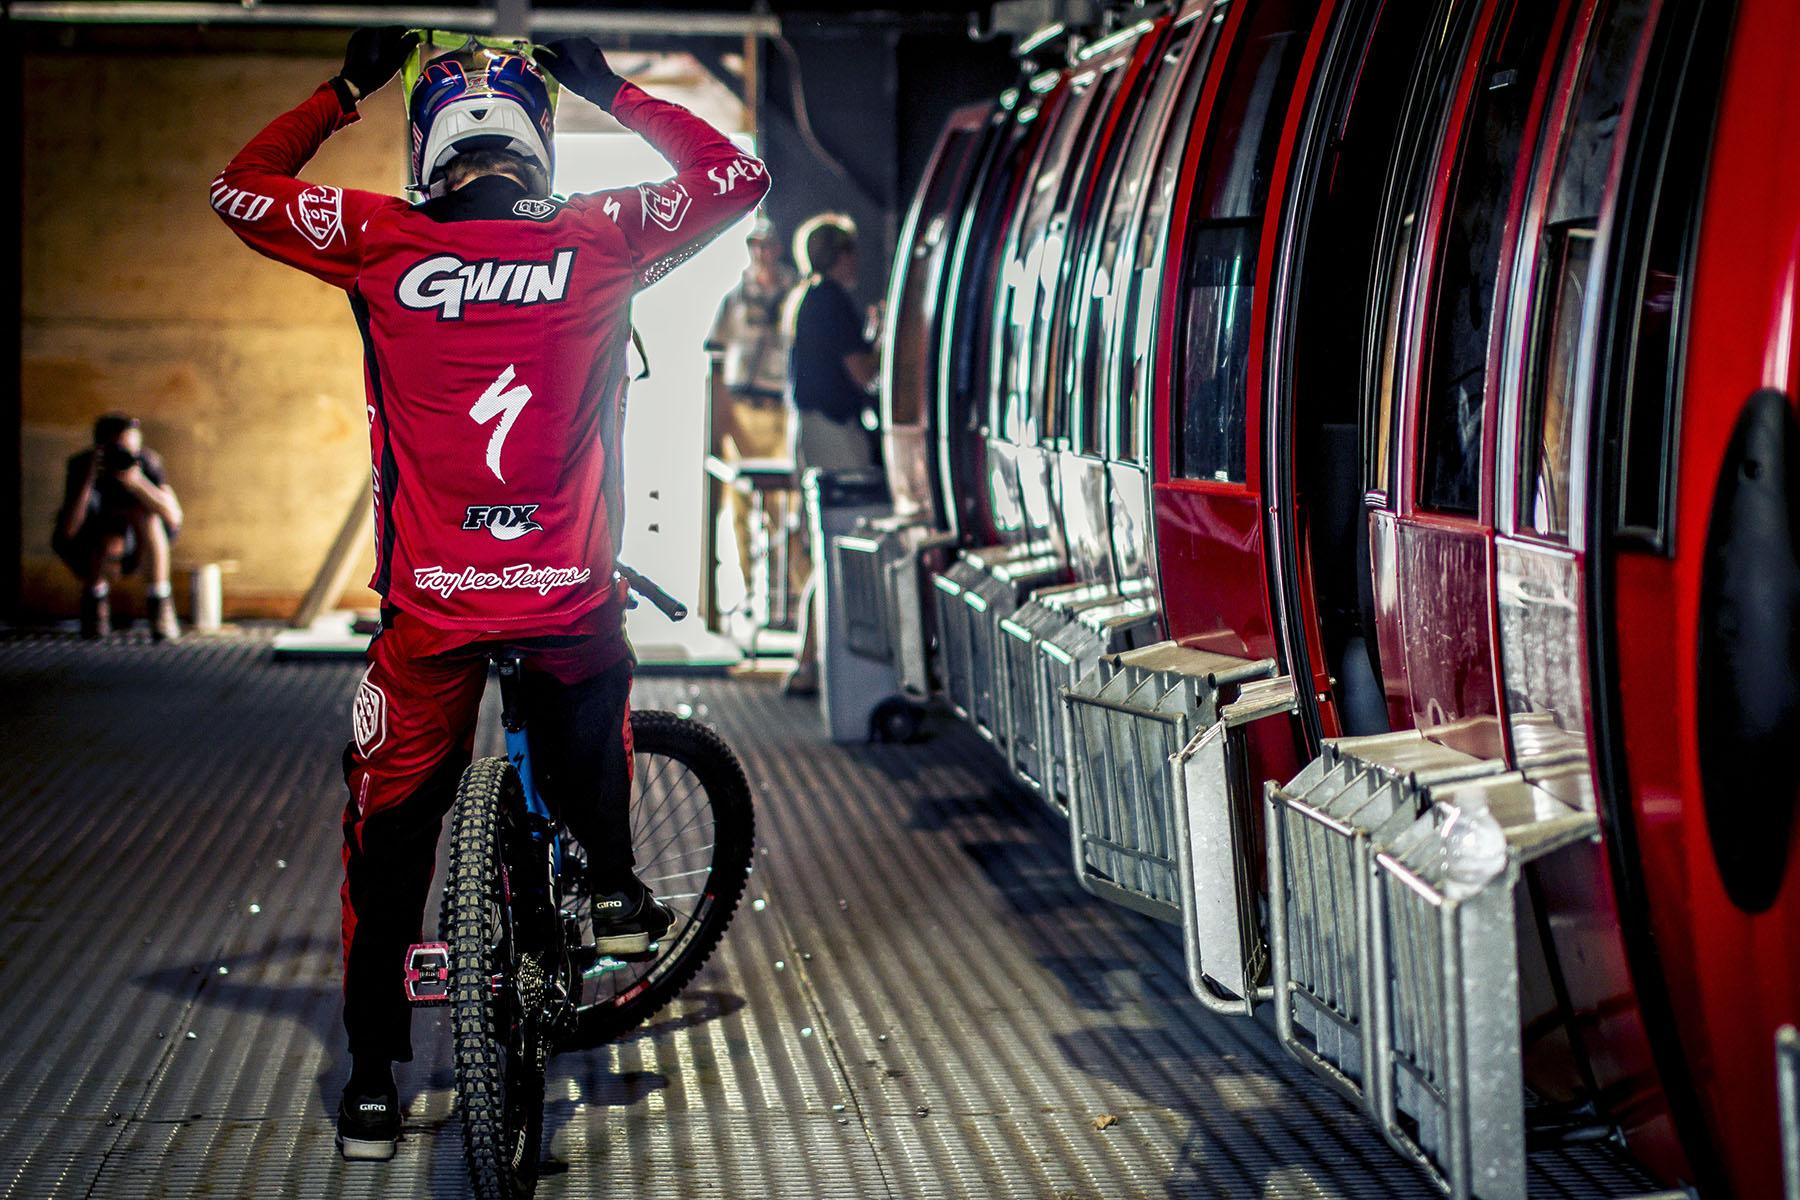 Aaron Gwin kurz vor dem Start.